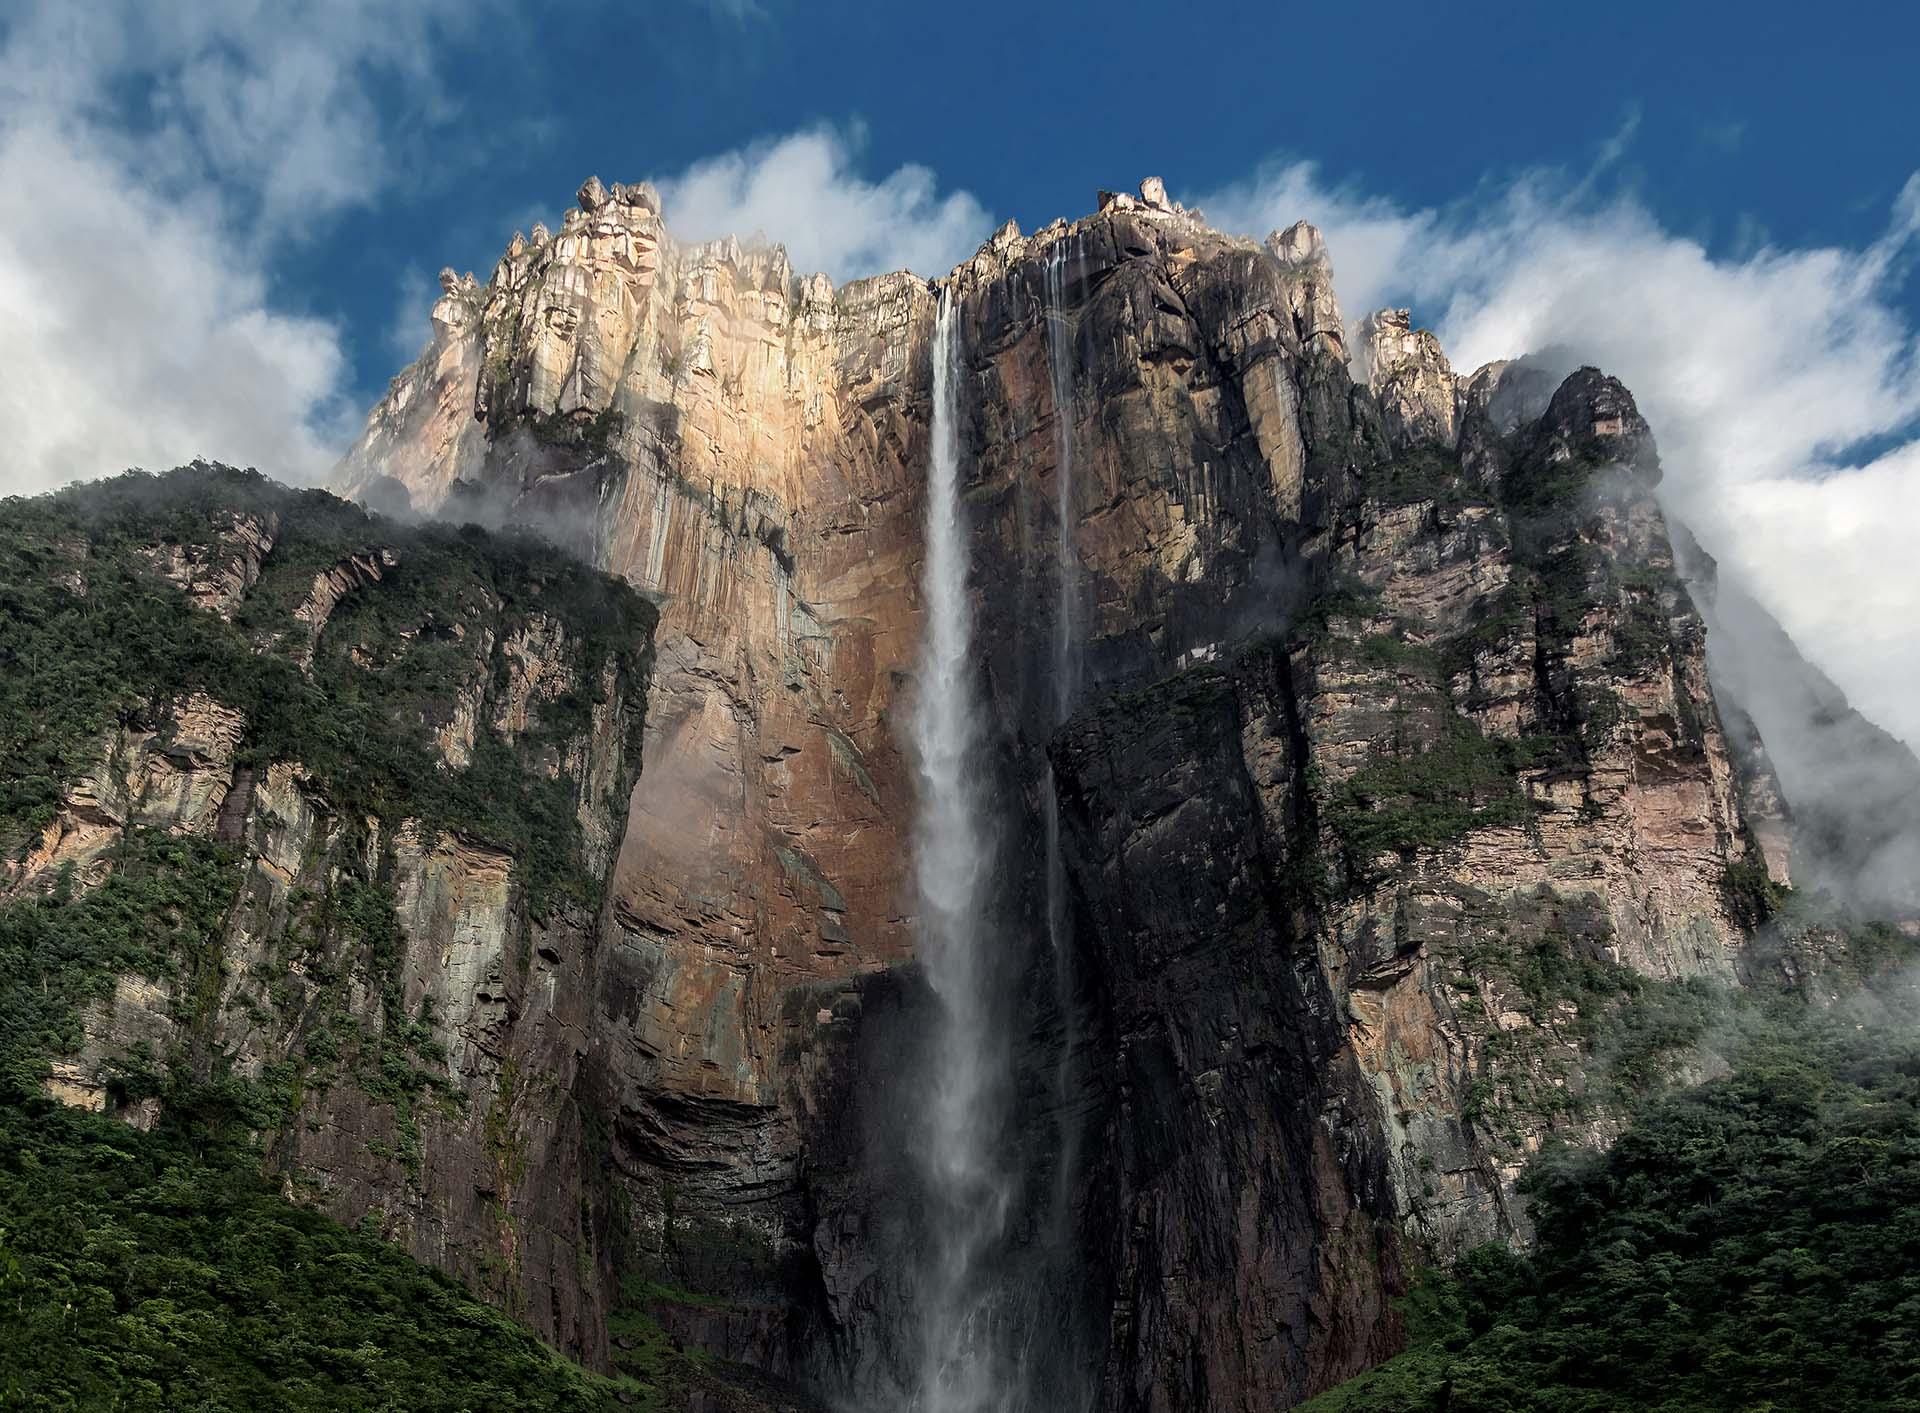 El Salto Ángel es la cascada de agua más alta del mundo, con una altura de 979 m, originada en el Auyantepuy. Las cataratas se formaron en parte por estructuras montañosas conocidas como tepuyes, que sobresalen del suelo y ayudan a crear un ambiente ideal